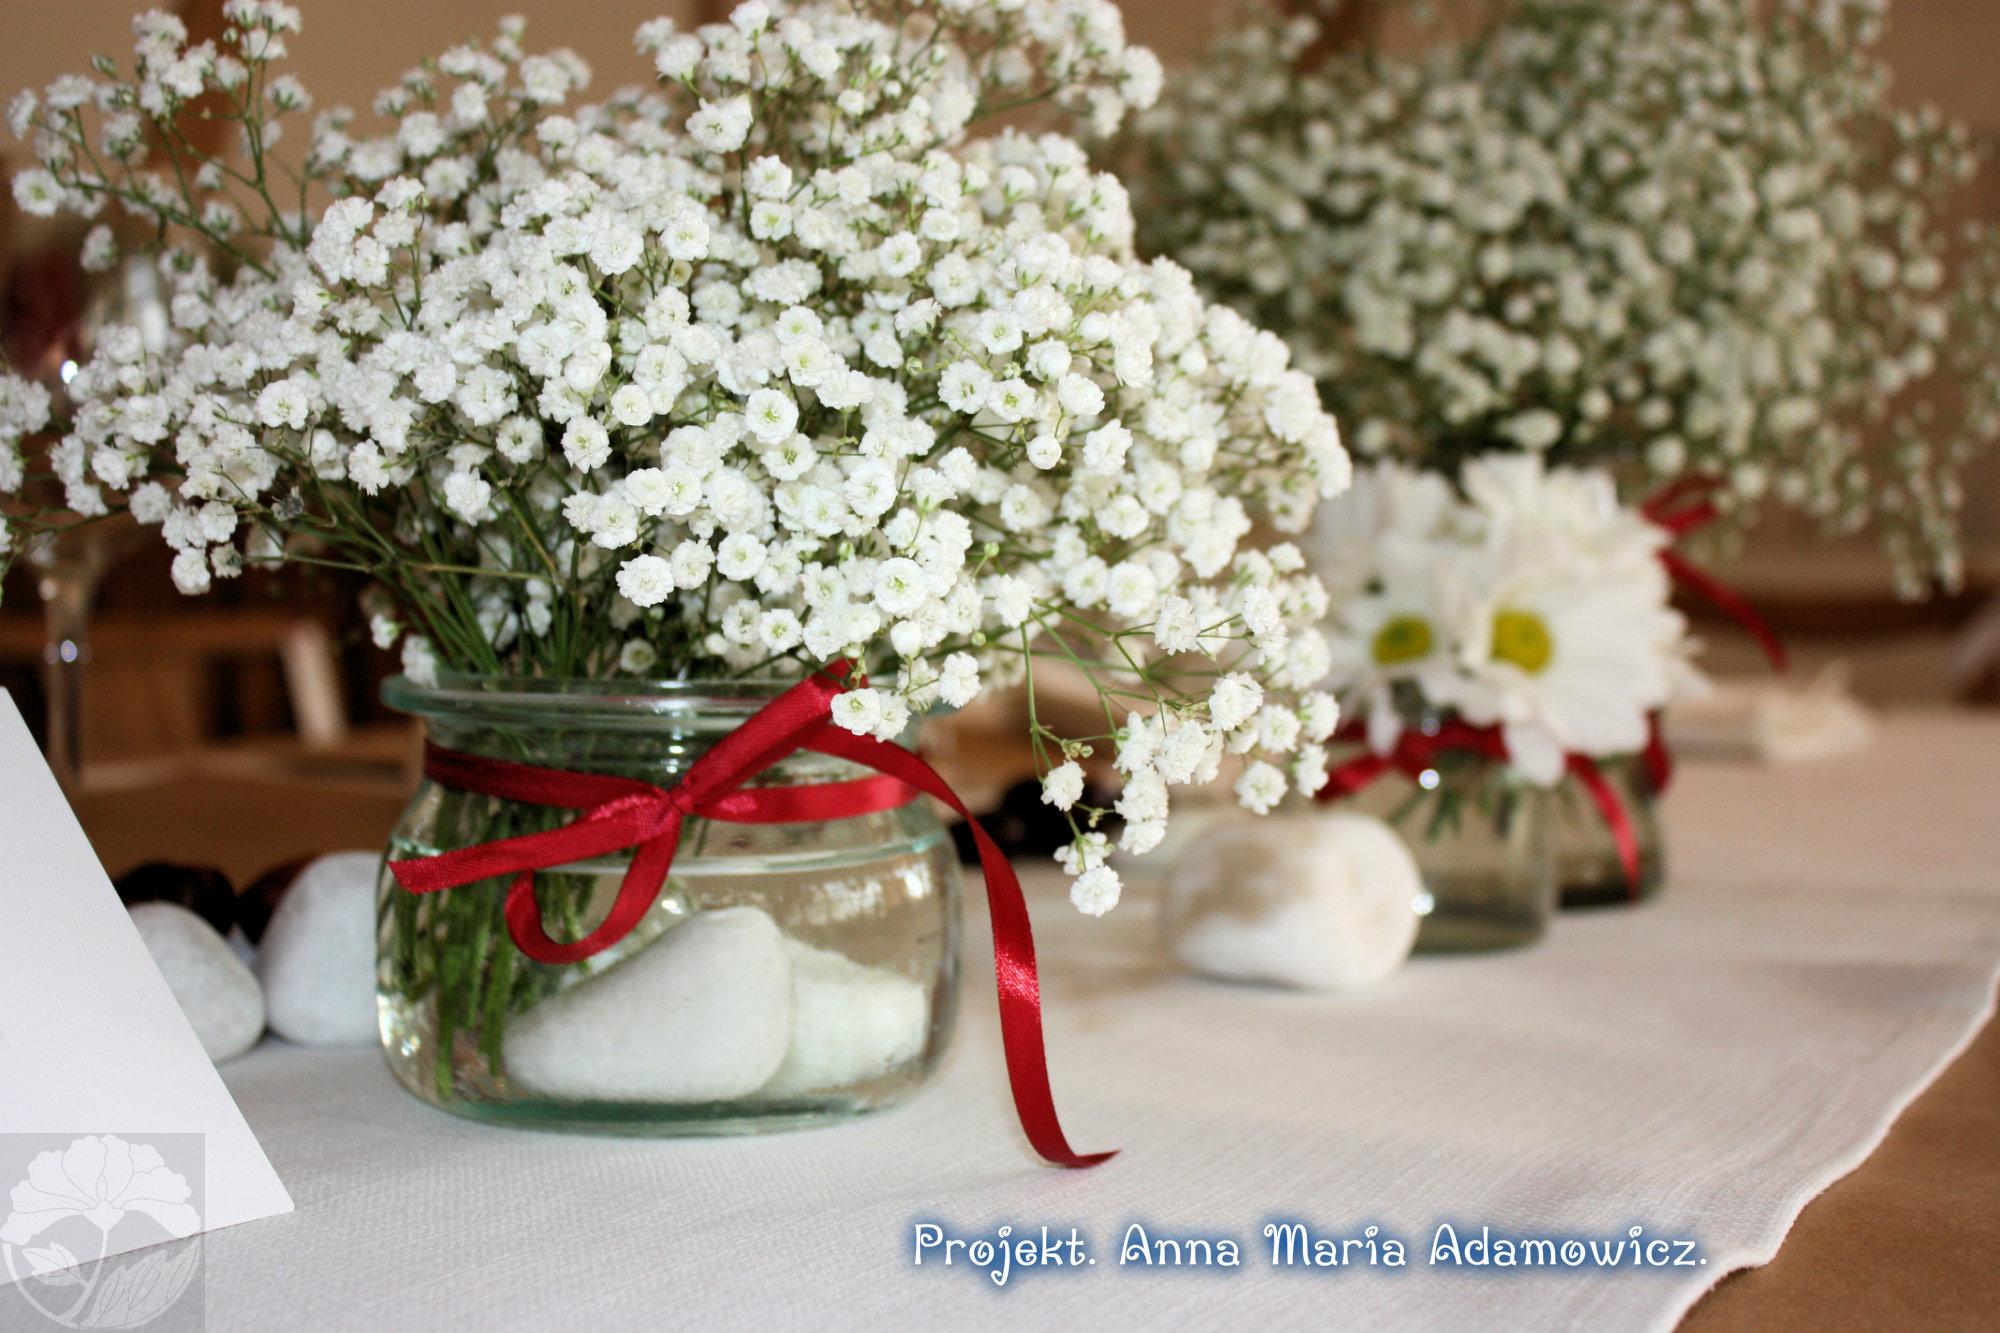 gipsówka slub wesele dekoracje bukiet 2013 2014